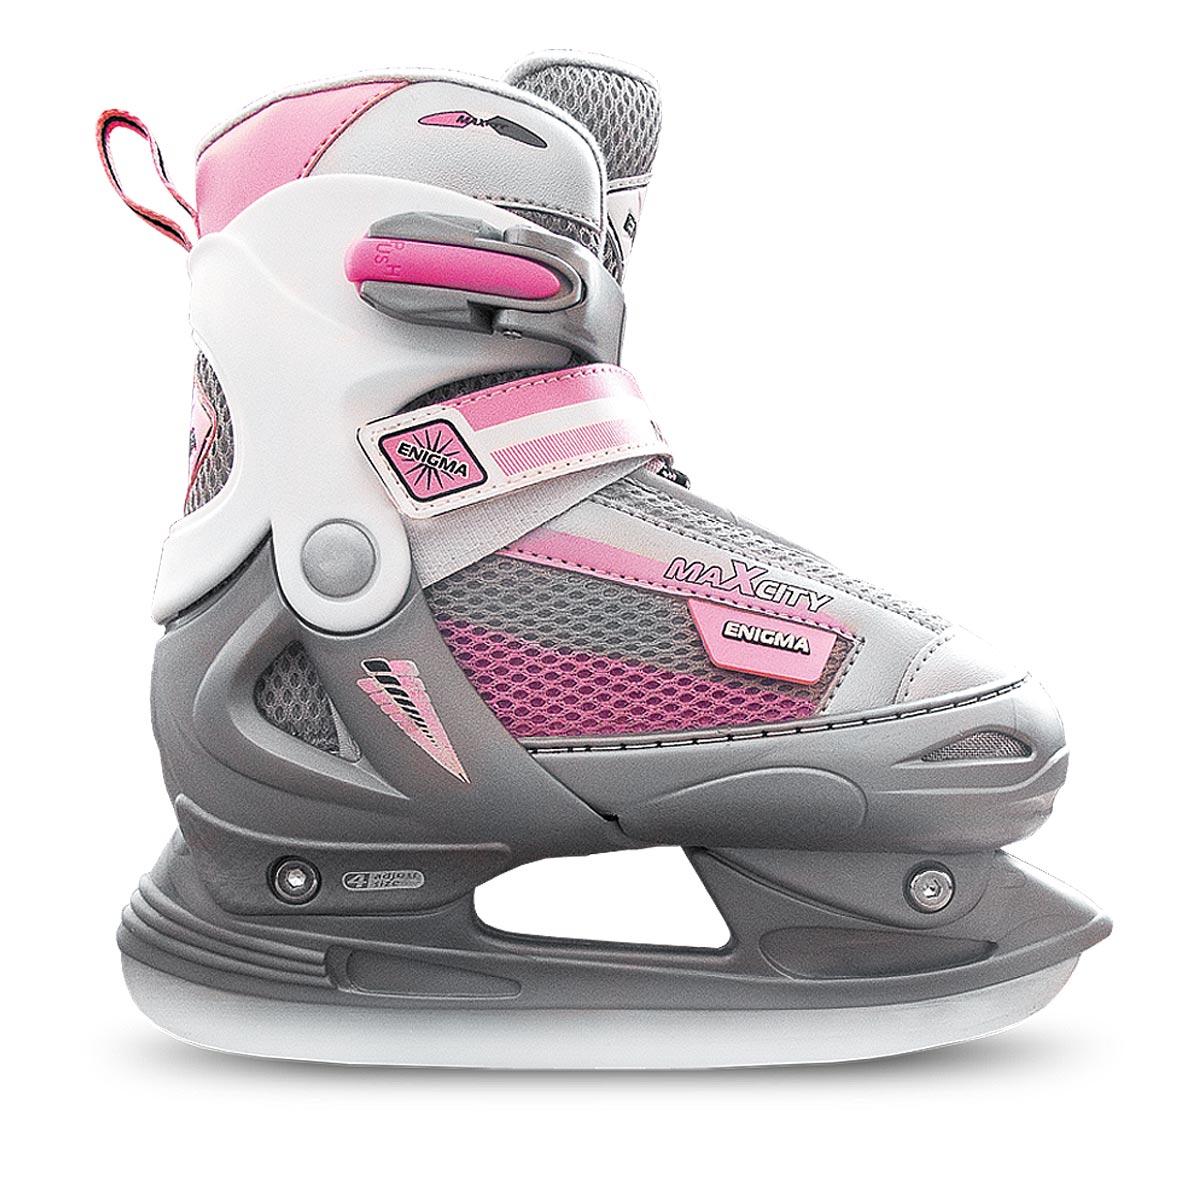 Коньки ледовые для девочки MaxCity Enigma girl, раздвижные, цвет: розовый, серый. Размер 34/37